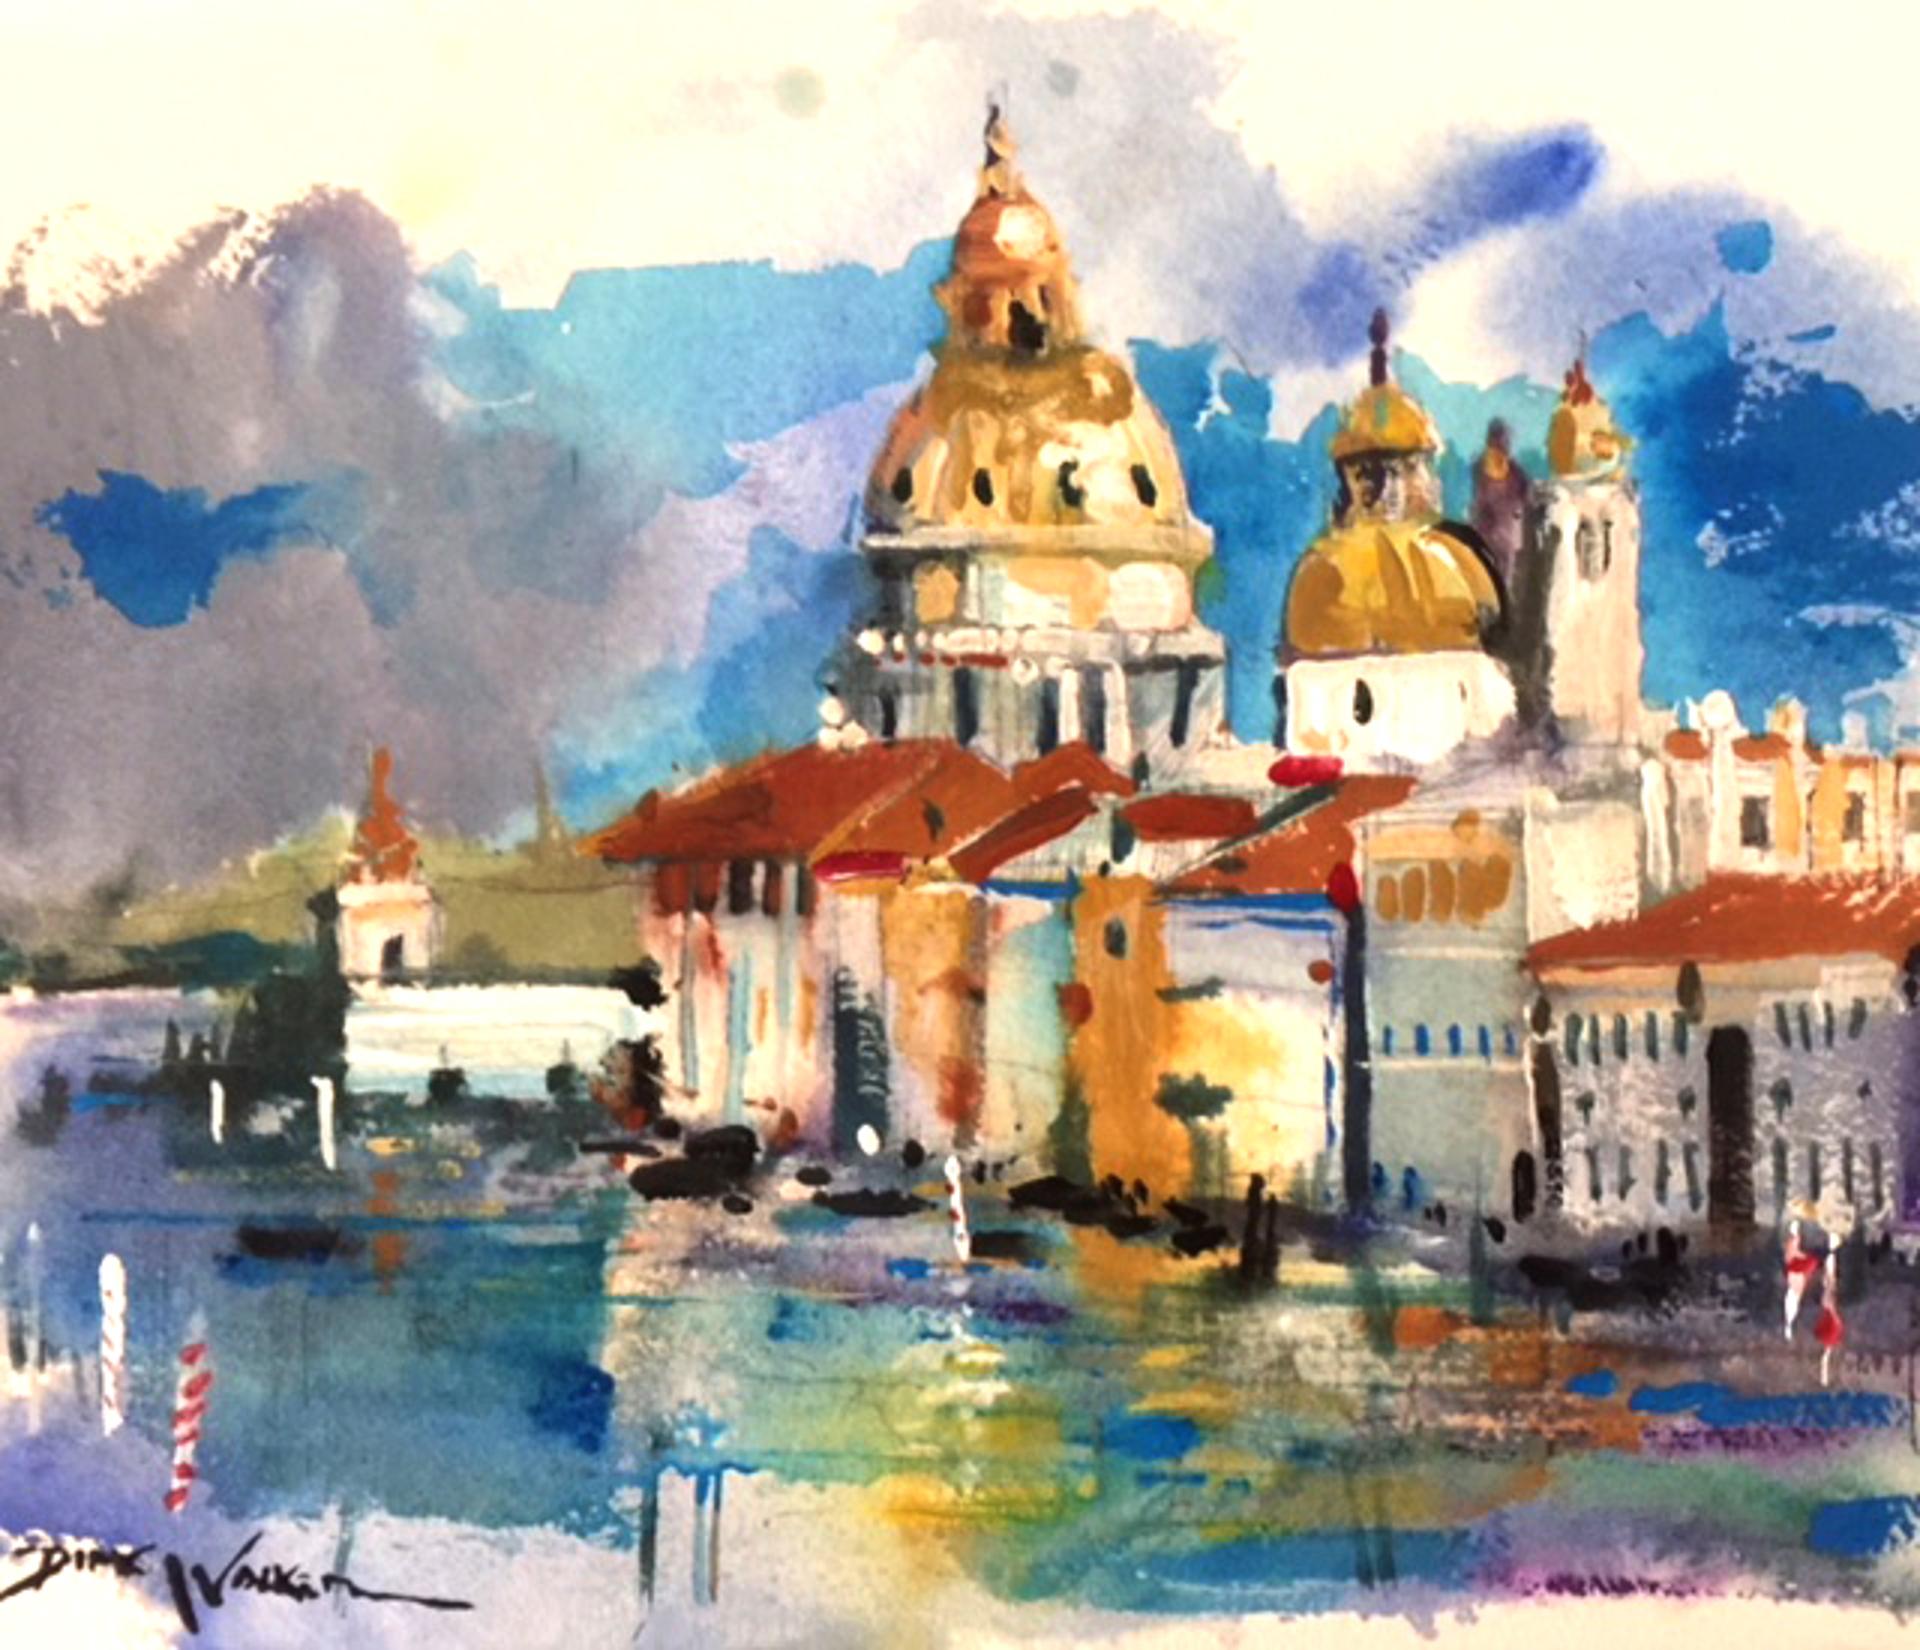 Venice by Dirk Walker